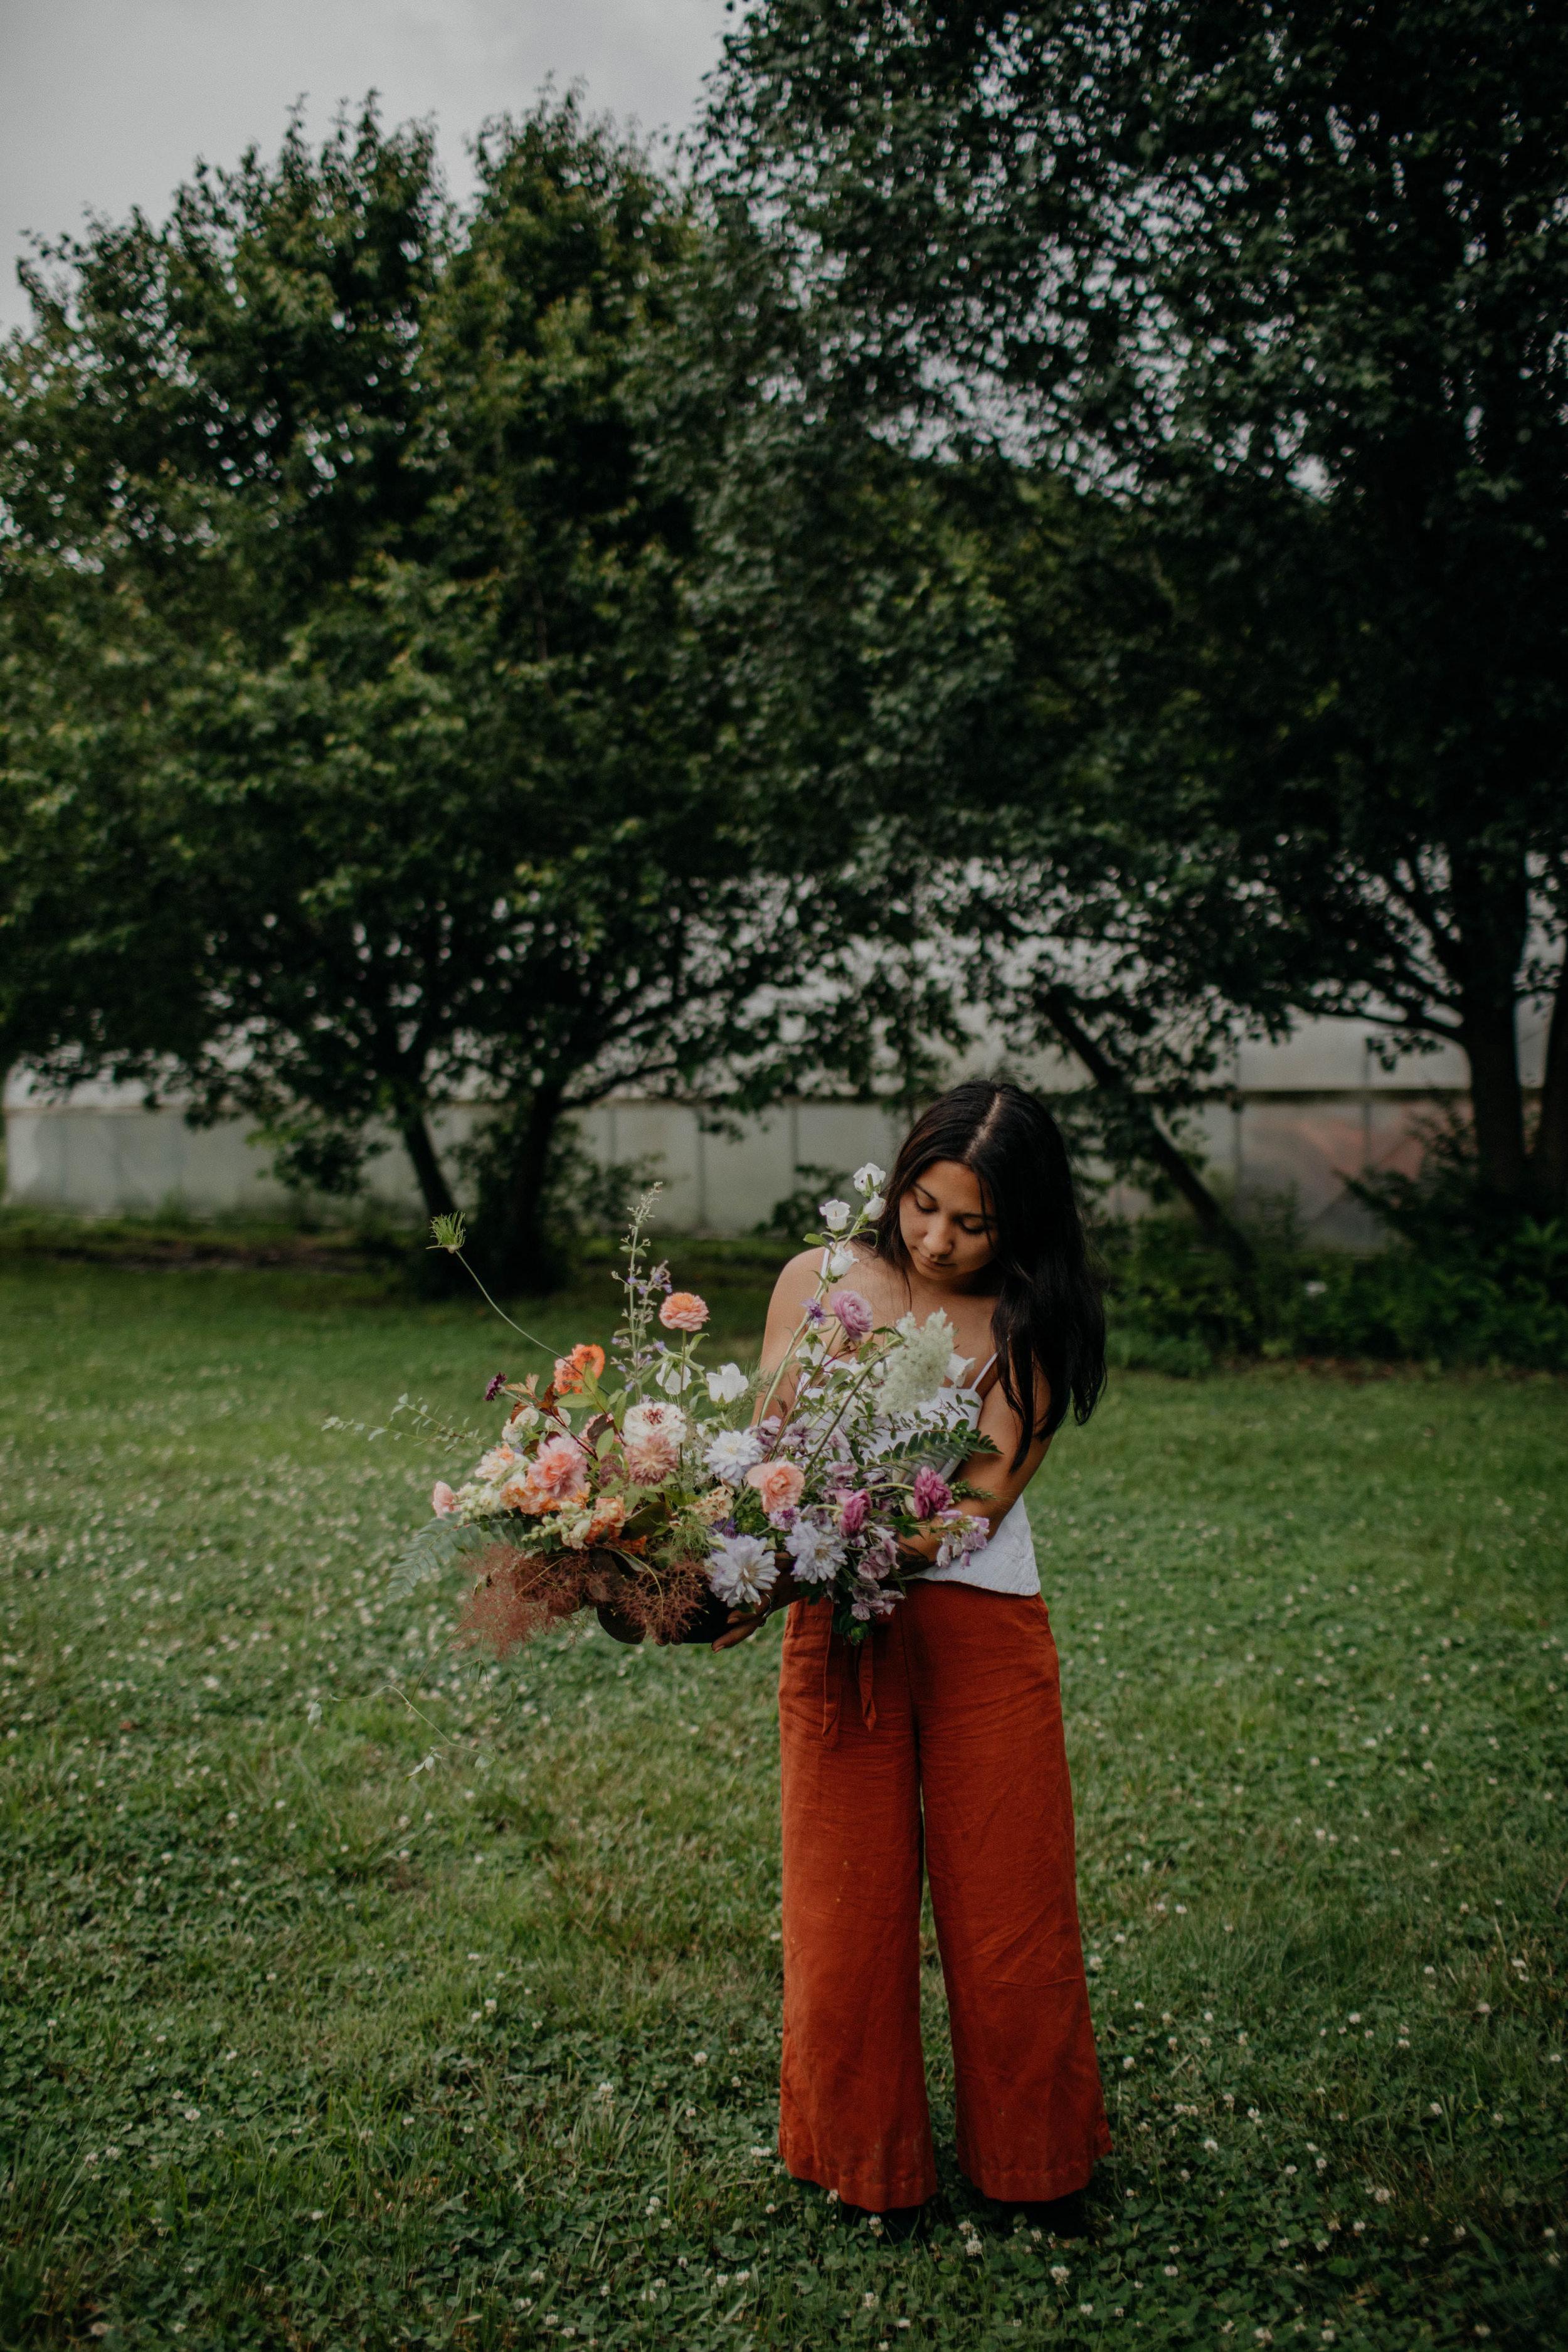 nashville floral workshop nashville tennessee wedding photographer73.jpg